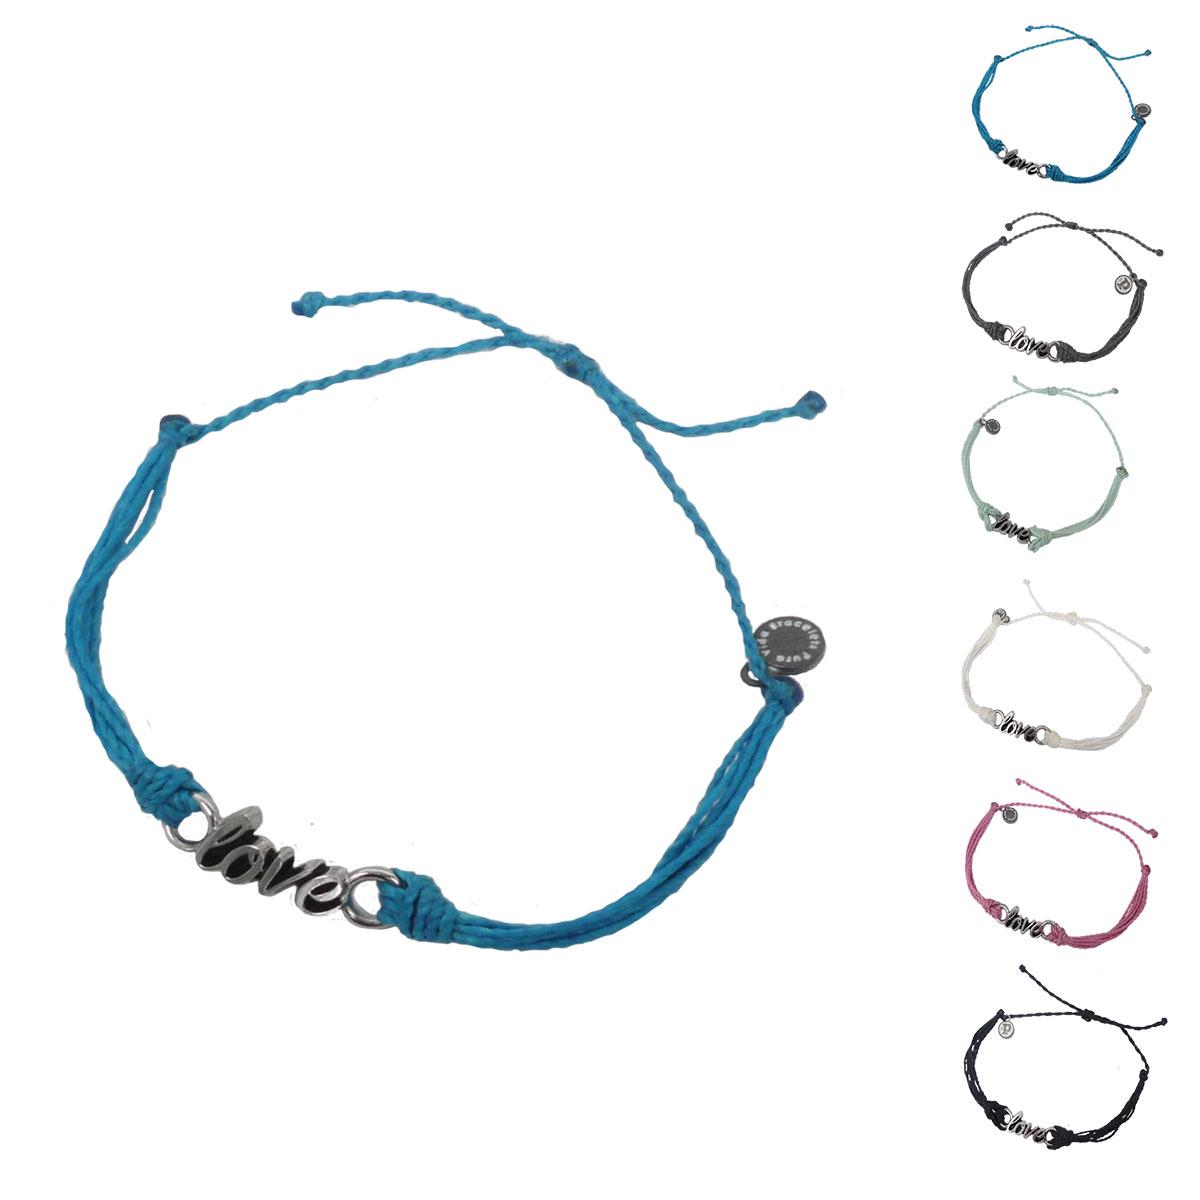 画像1: 【セール 80%OFF】puravida bracelets プラヴィダブレスレット SILVER WORD LOVE 全6色 レディース/メンズ (1)